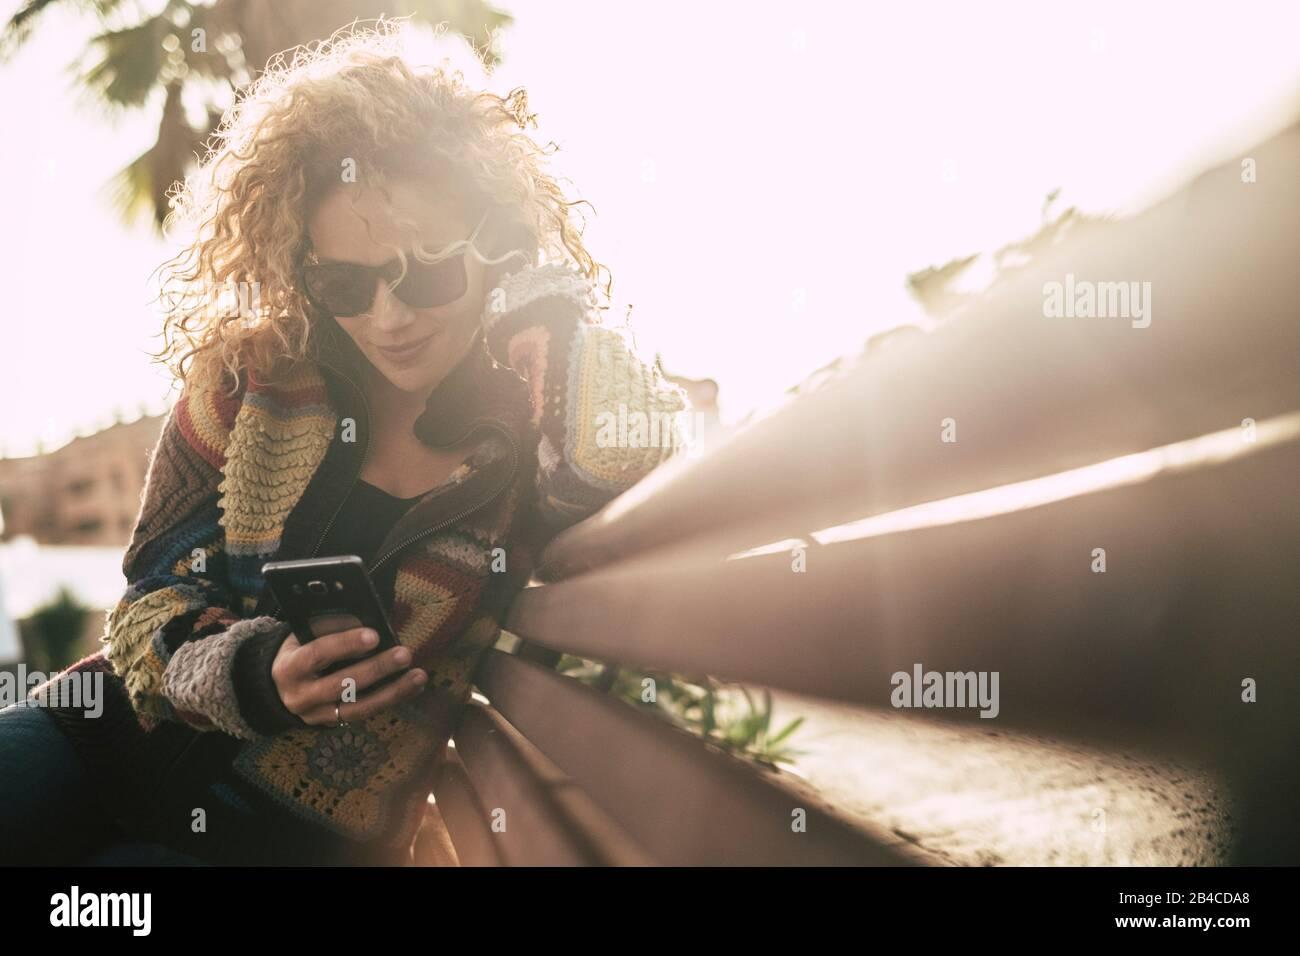 Farben in der Herbstsaison mit schöner, erwachsener, attraktiver blonder lockiger Frau verwenden ein Handy, das auf einem Beanch sitzt und bei Freizeitaktivitäten im Outoor-Bereich aktiv ist - Sonne mit Hintergrundbeleuchtung und hellem Hintergrund Stockfoto